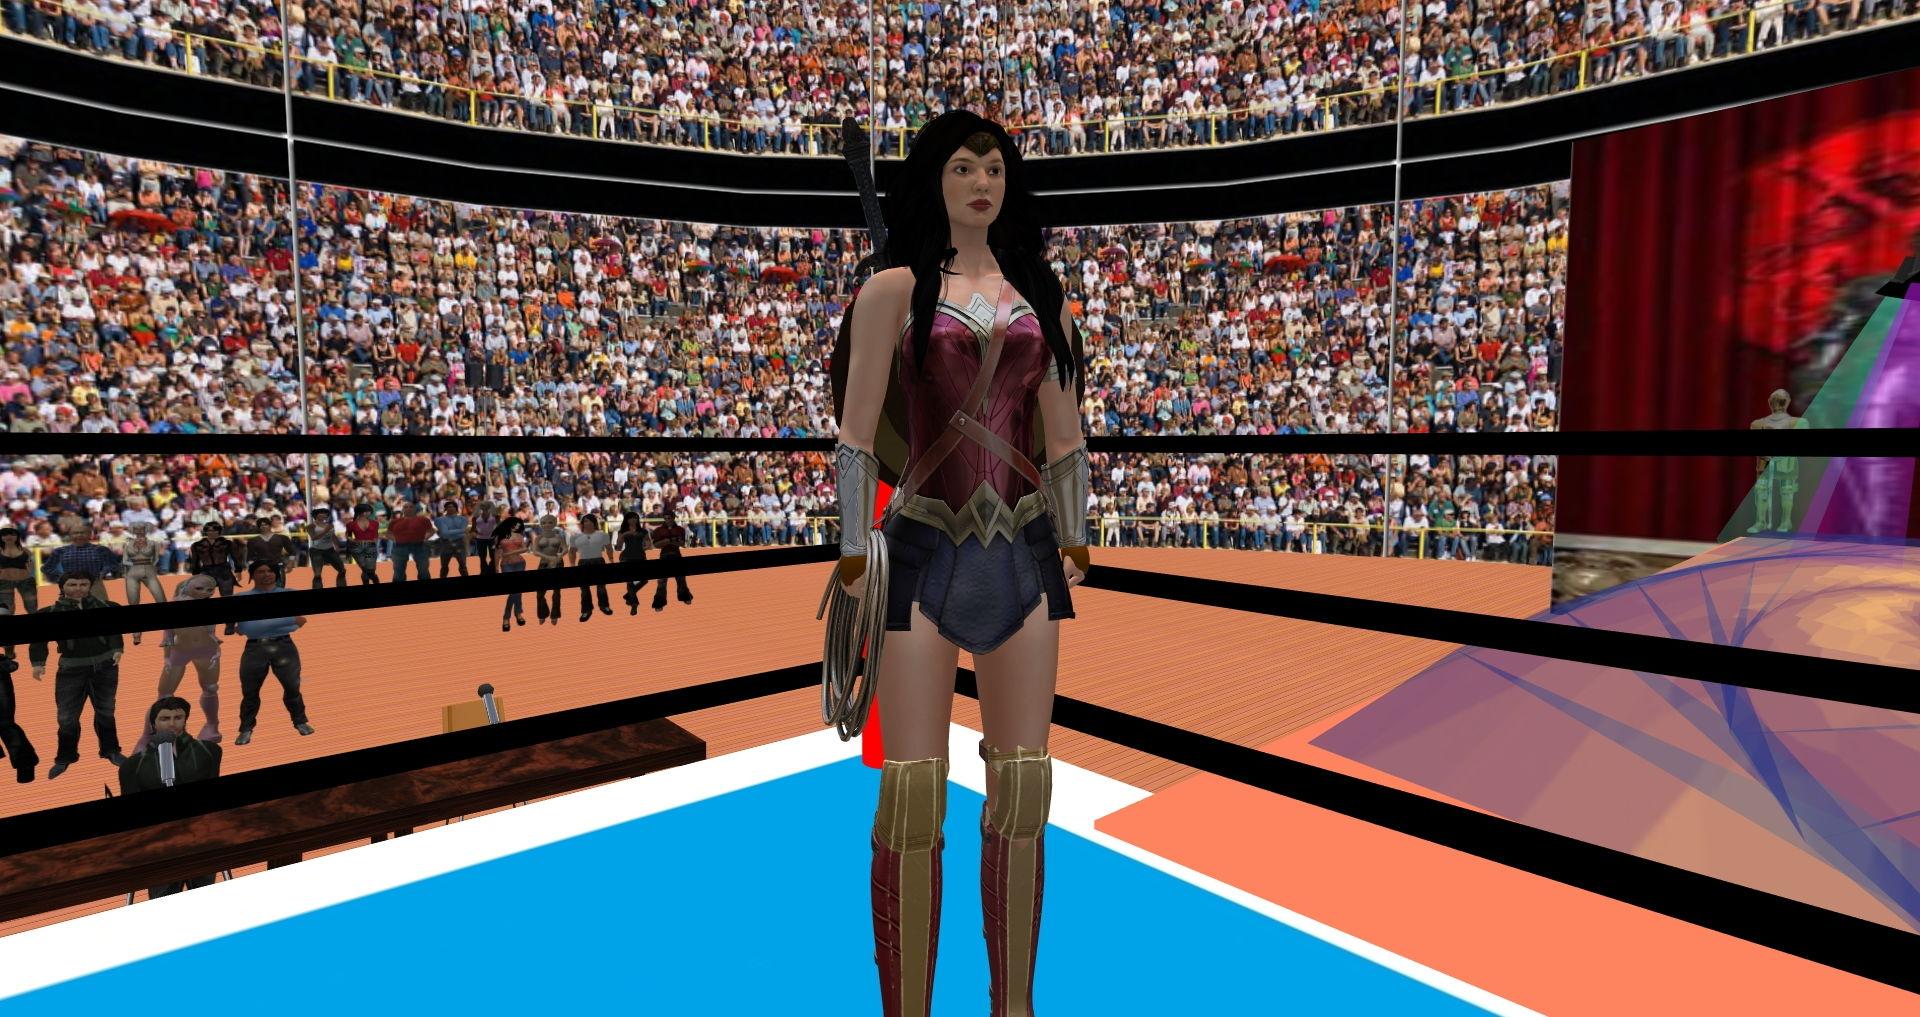 【ナナのキャットファイティング 同人】スーパーヒーローの全裸ファイト